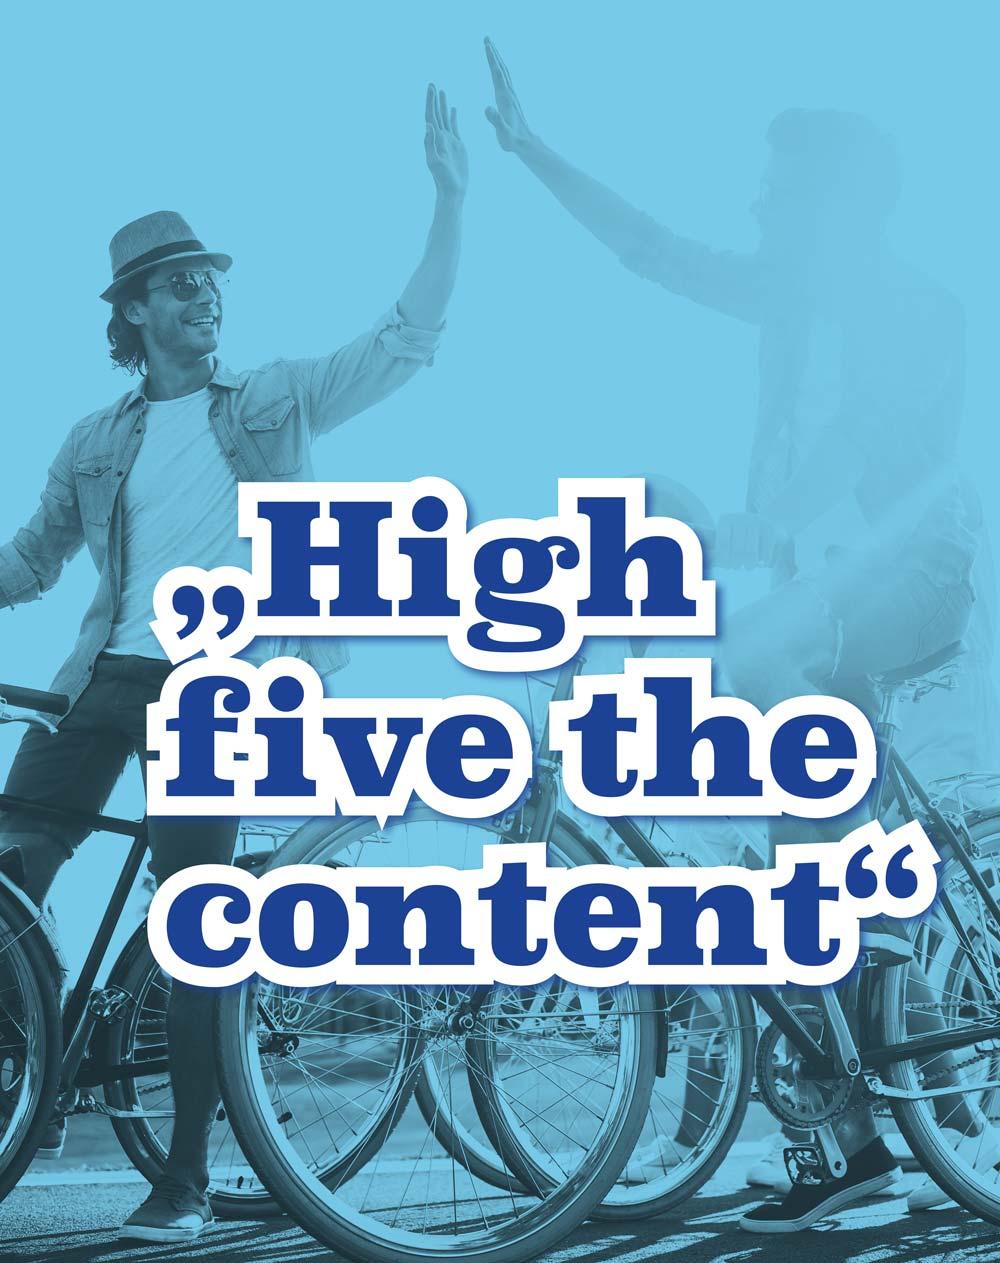 """Mentos liefert Unternehmen mit seiner Werbekampagne """"Who says no to Mentos?"""" ein gutes Beispiel dafür, dass es gelegentlich ausreicht, wenn Content-Marketing einfach nur unterhält."""